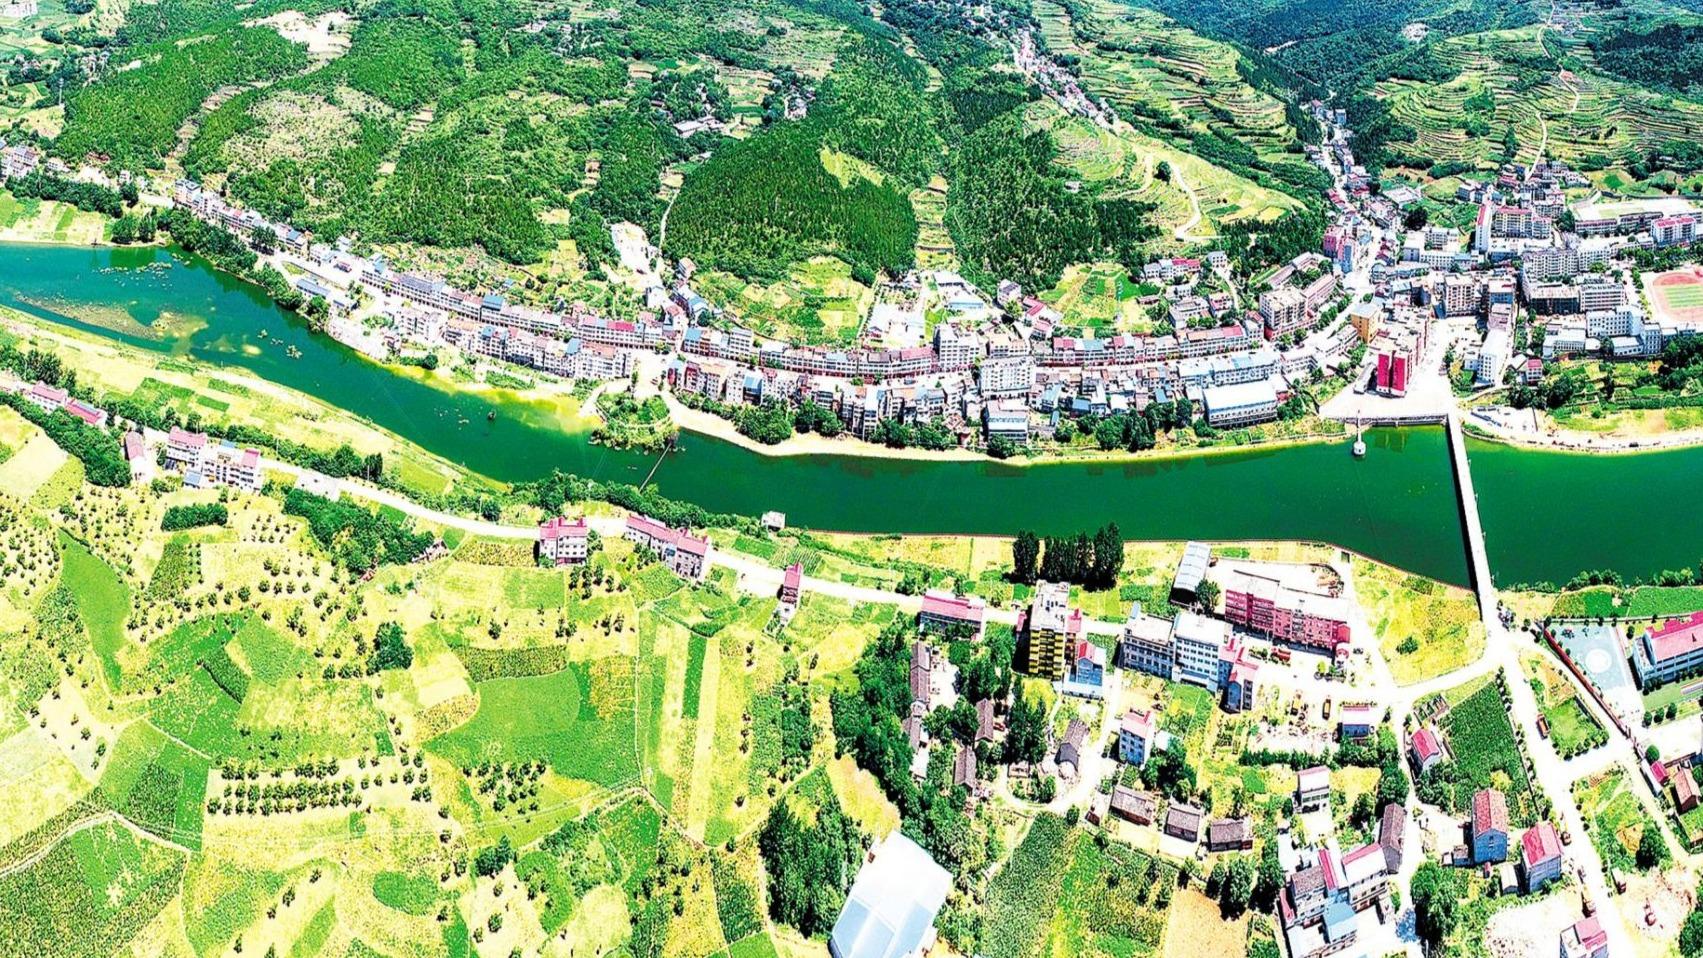 綠水青山環抱美麗鄉村